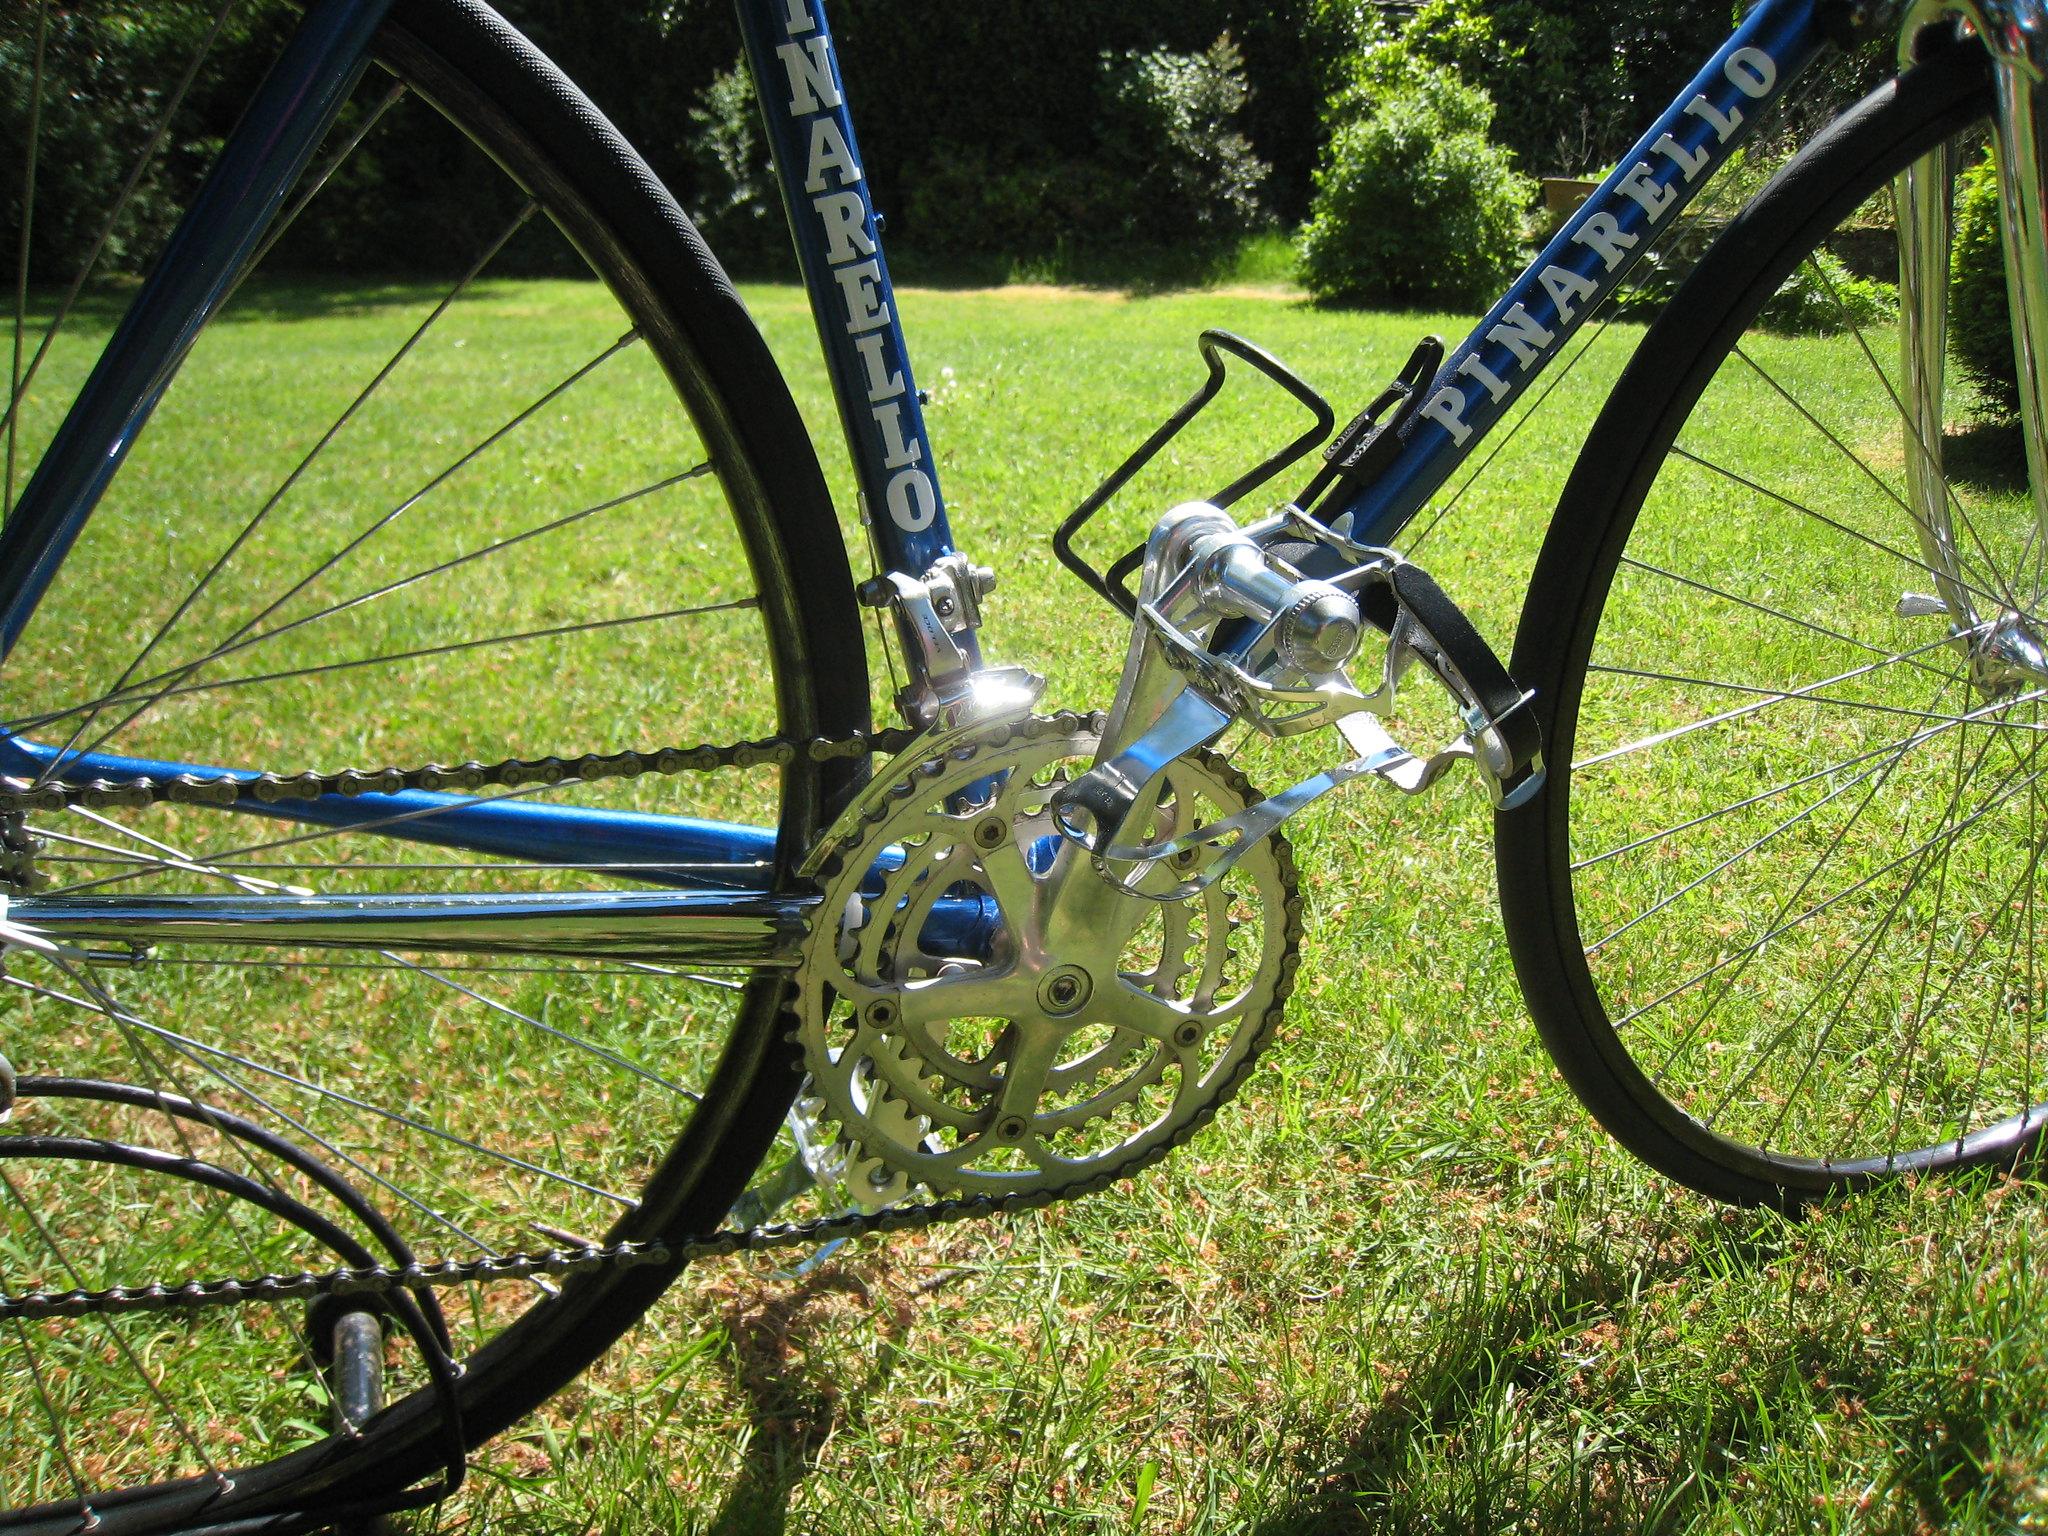 pinarello - Pinarello Stelvio. Une semaine un vélo. 41074504885_b92b4c9bcb_k